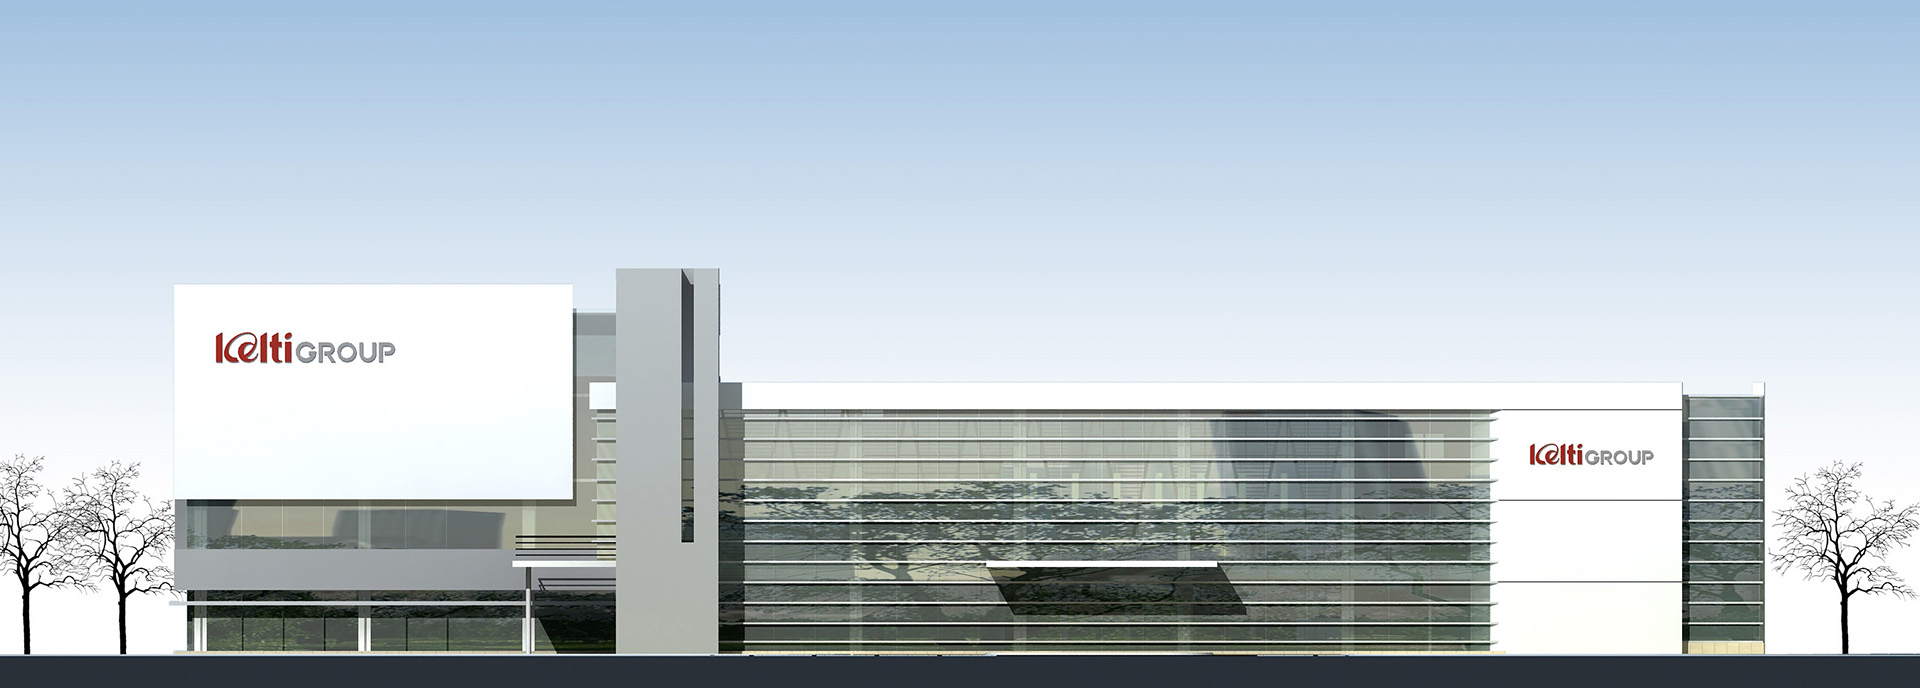 克緹國際上海松江總部及培訓中心